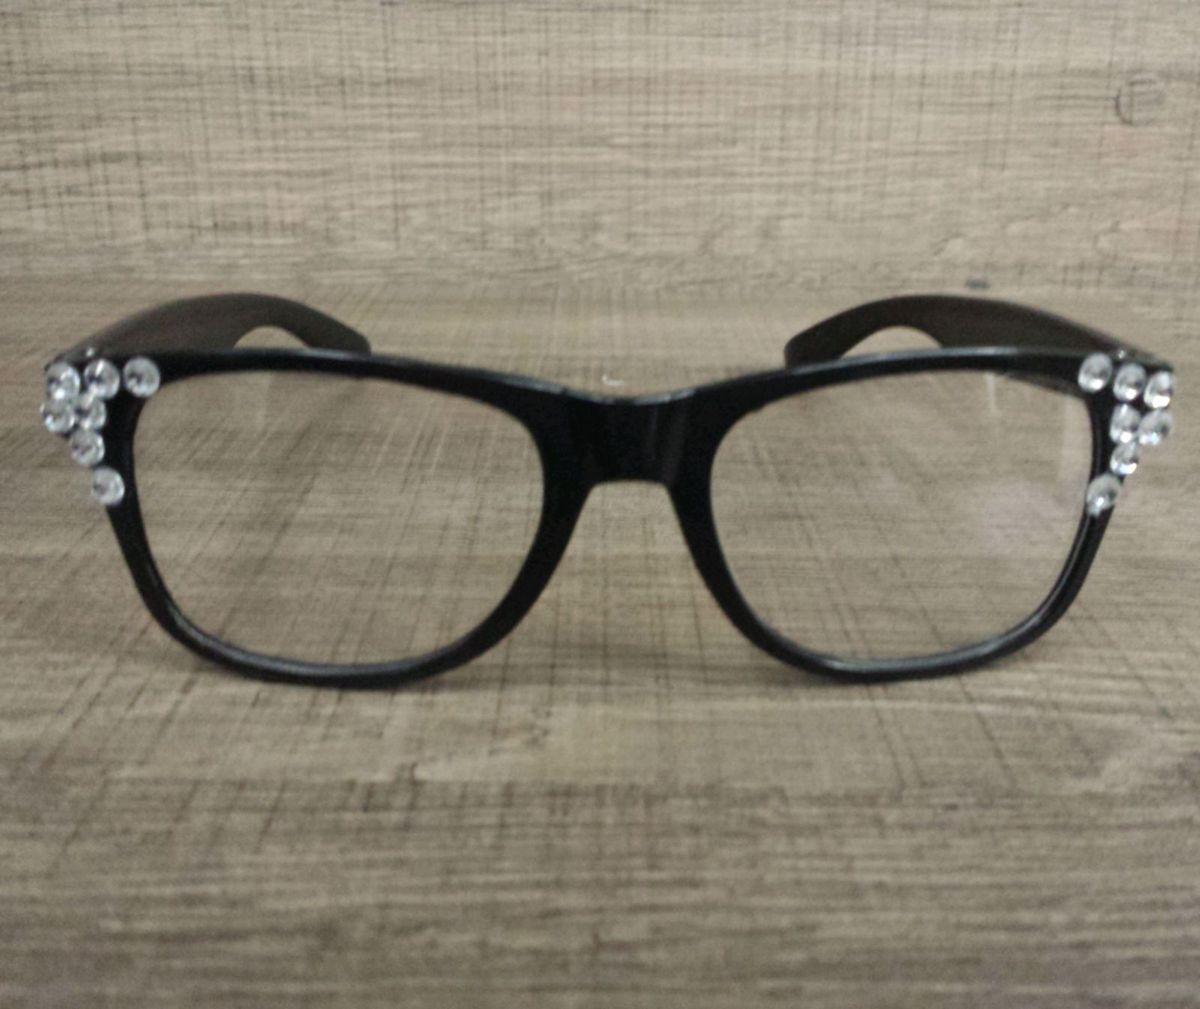 17dd5fe3017ad 1 óculos larissa manoela sbt cúmplice de um resgate pronta entrega -